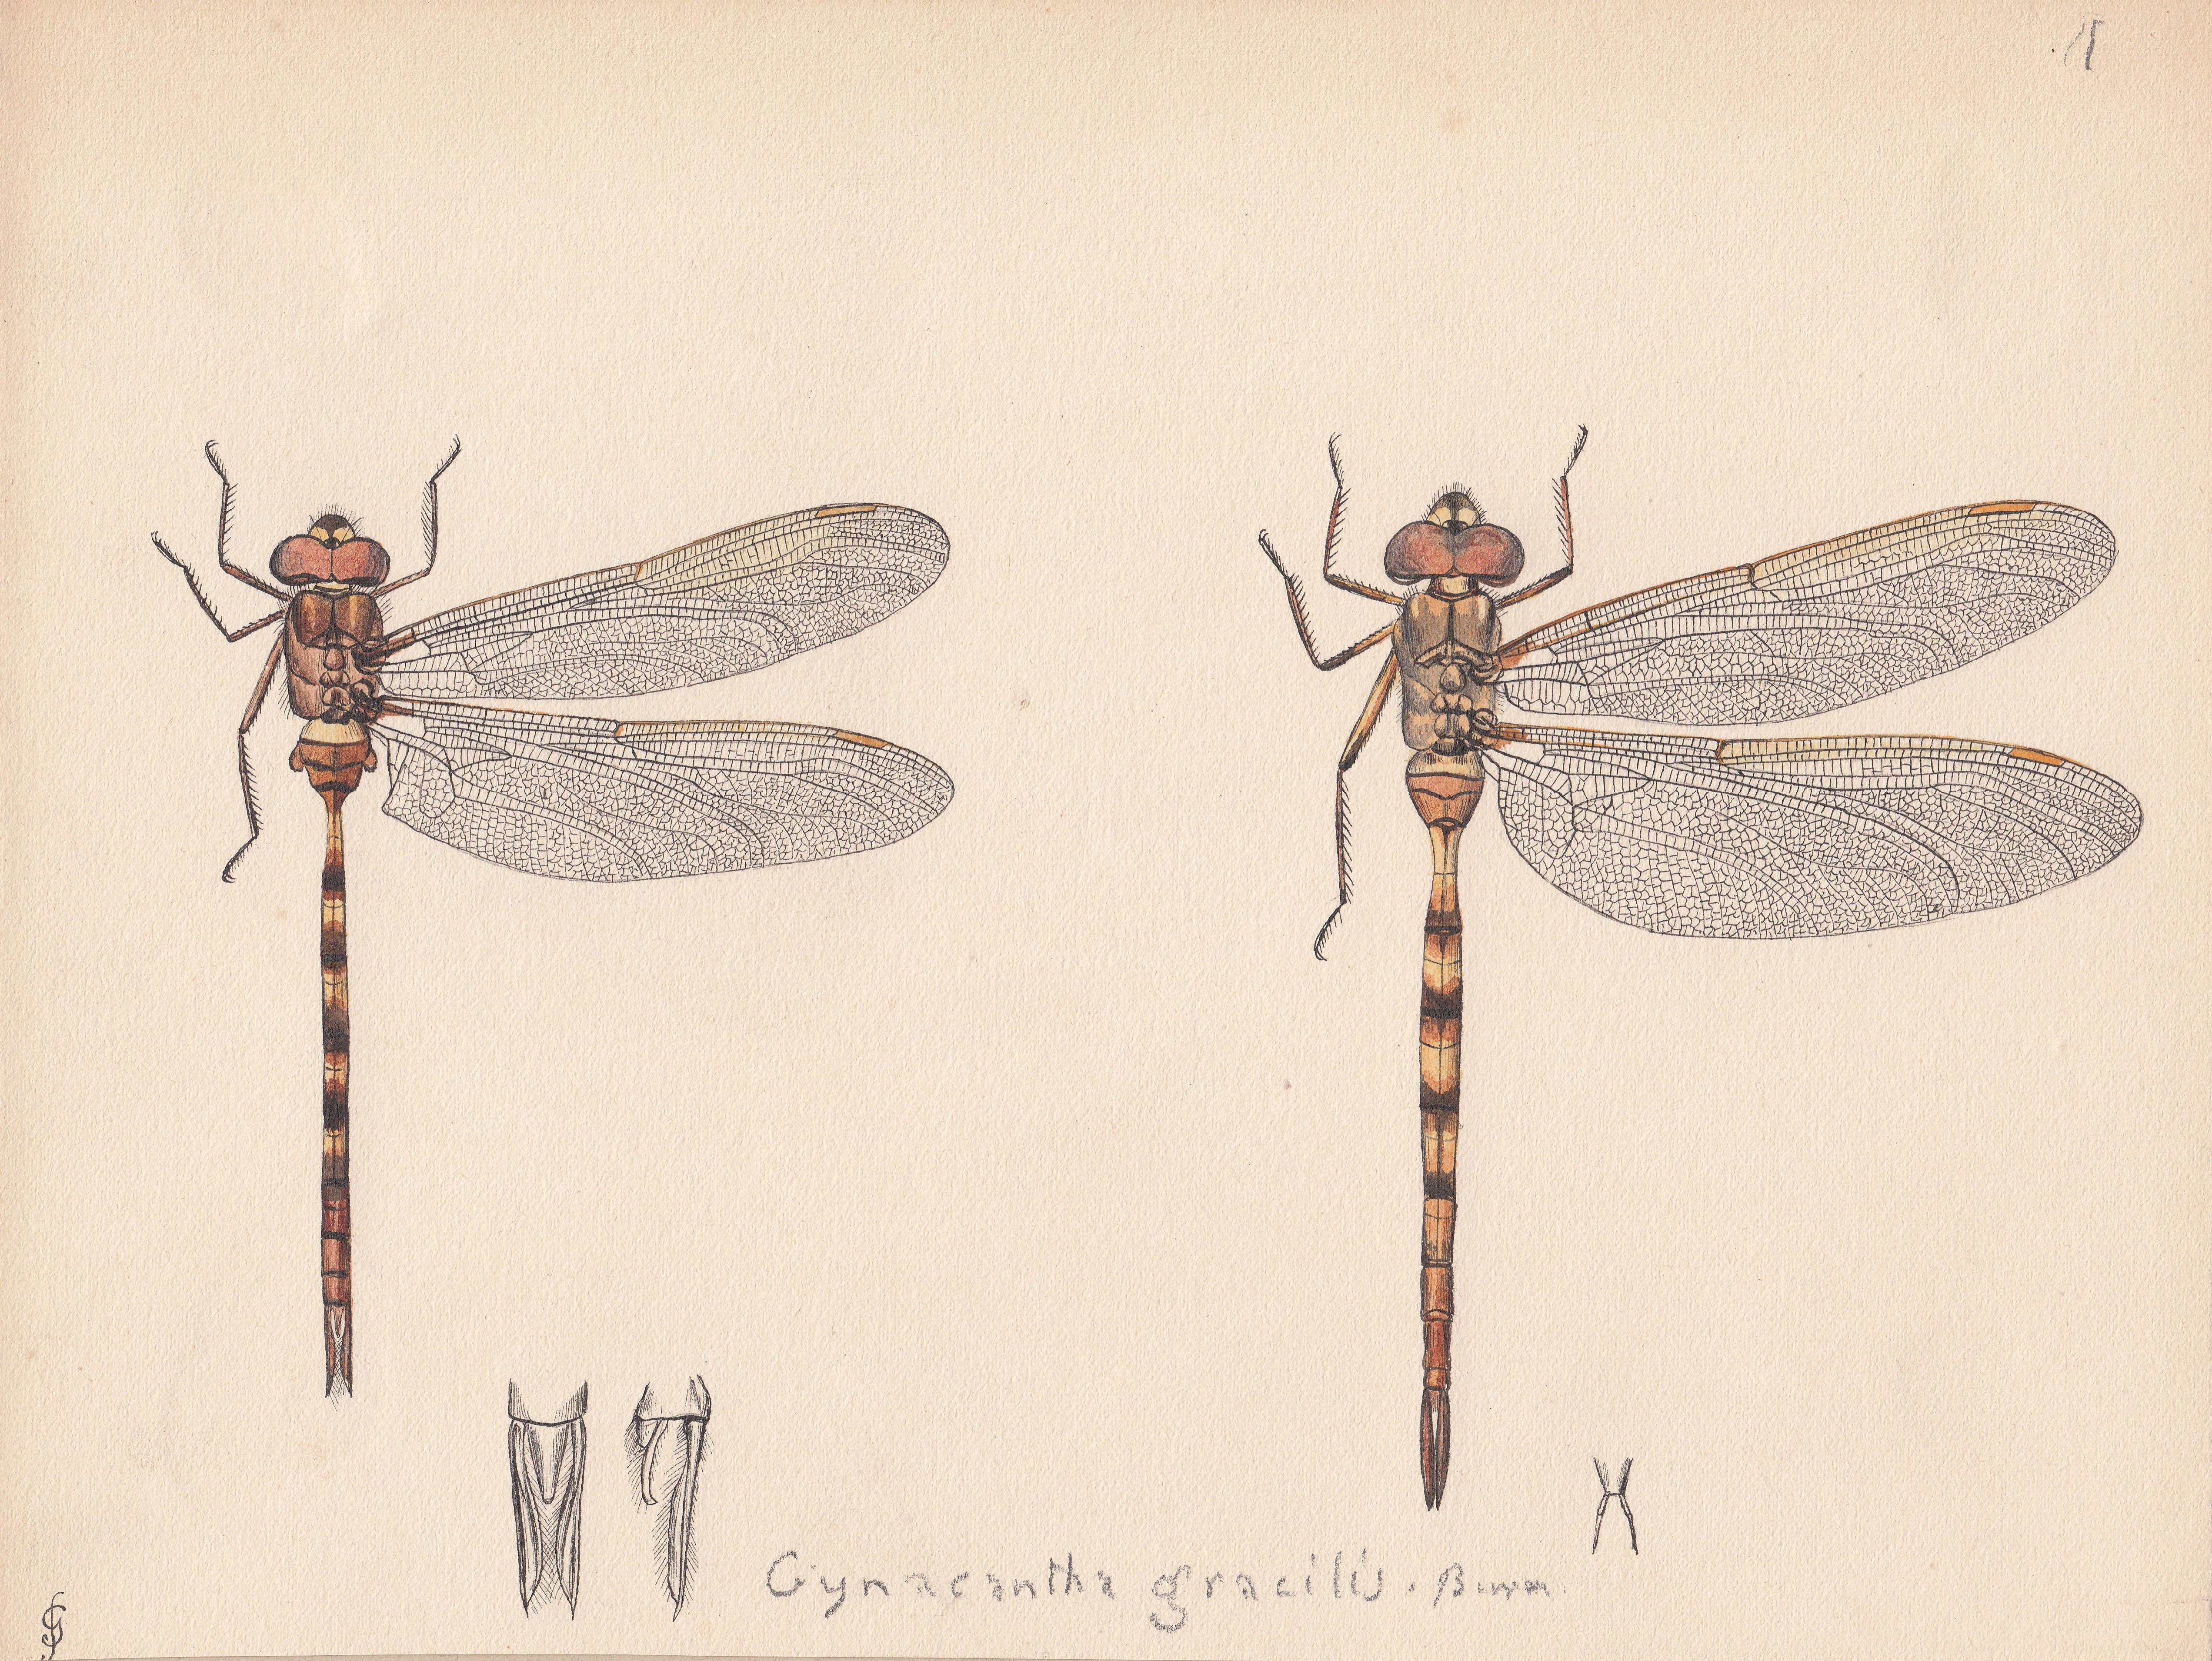 Gynacantha gracilis.jpg